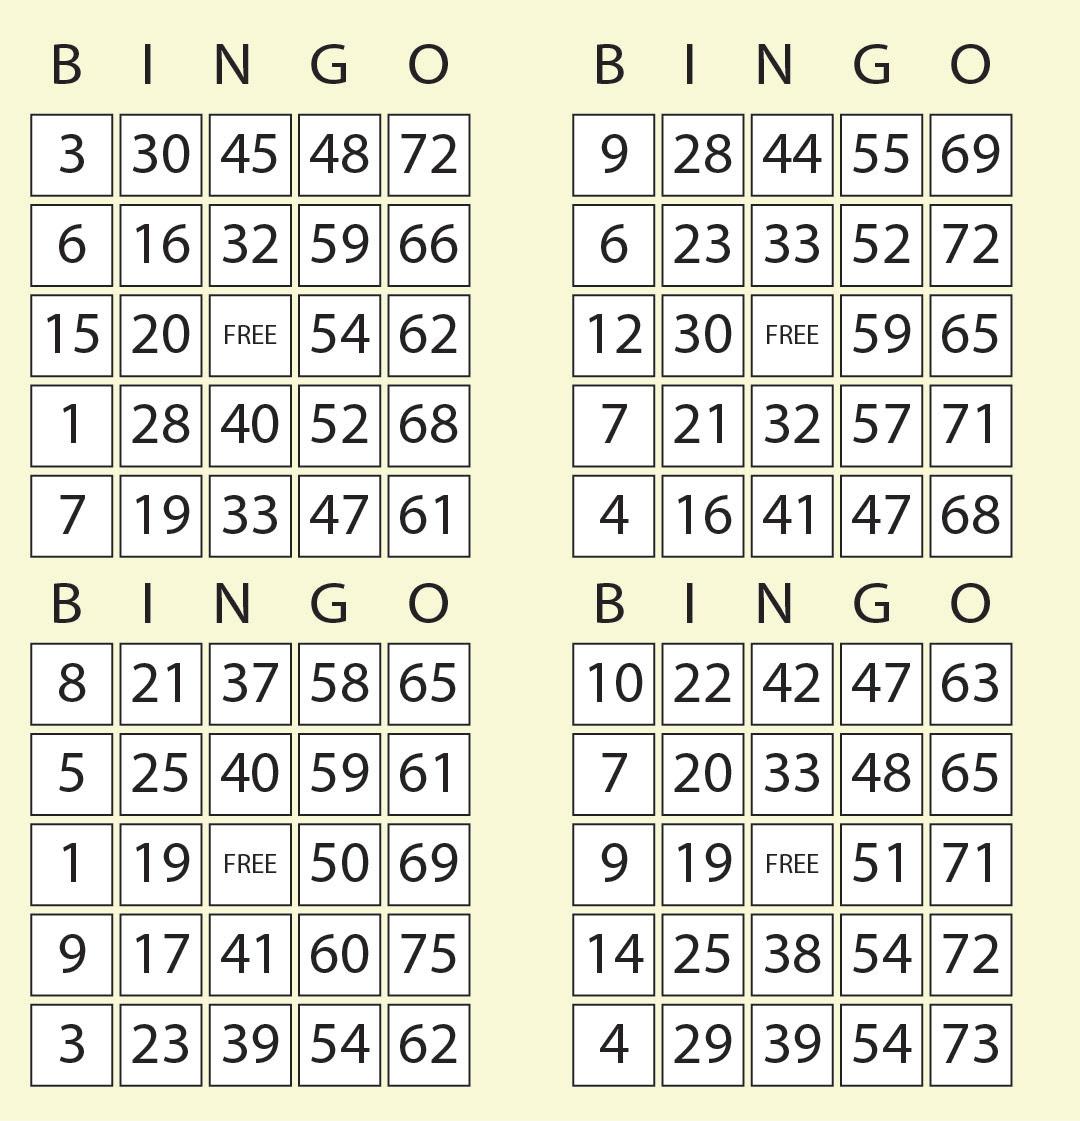 Bingo call sheet